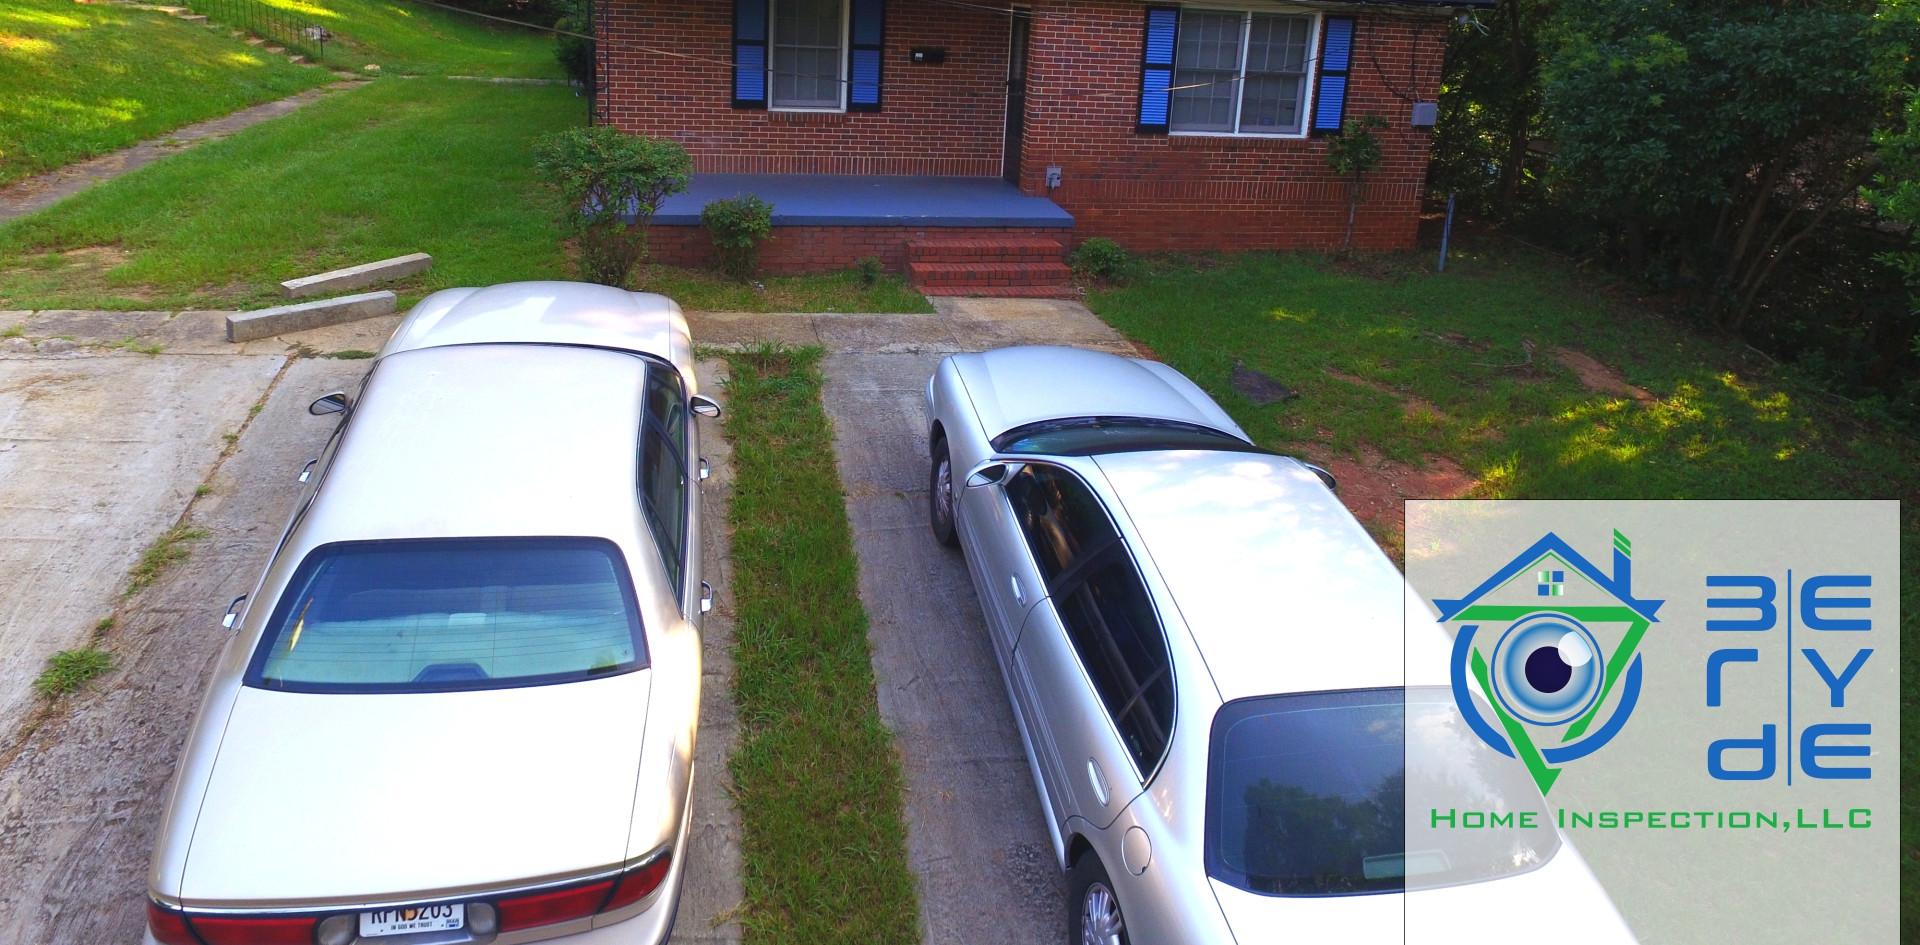 828 N Garden Terrace_ Macon 3rd EYE Home